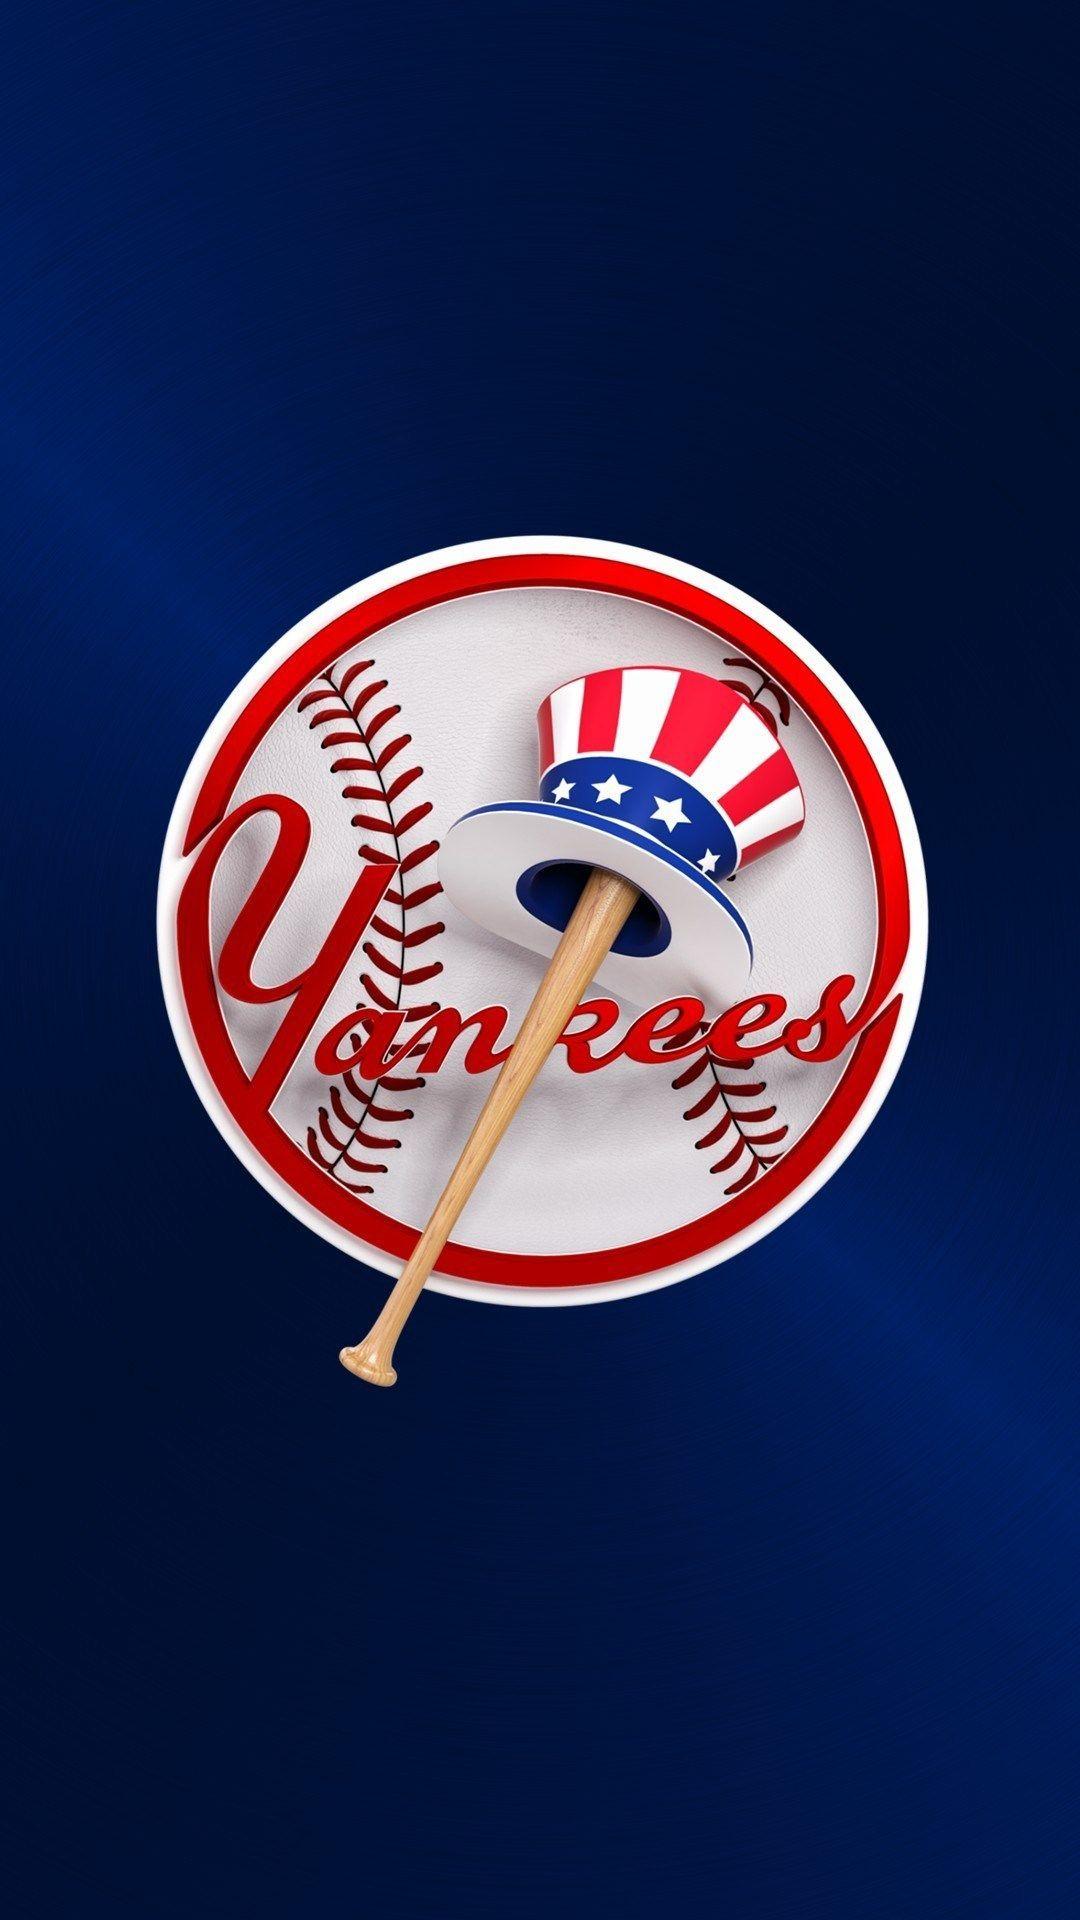 Mlb Baseball Wallpaper Mobile Games Wallpapers Ideas New York